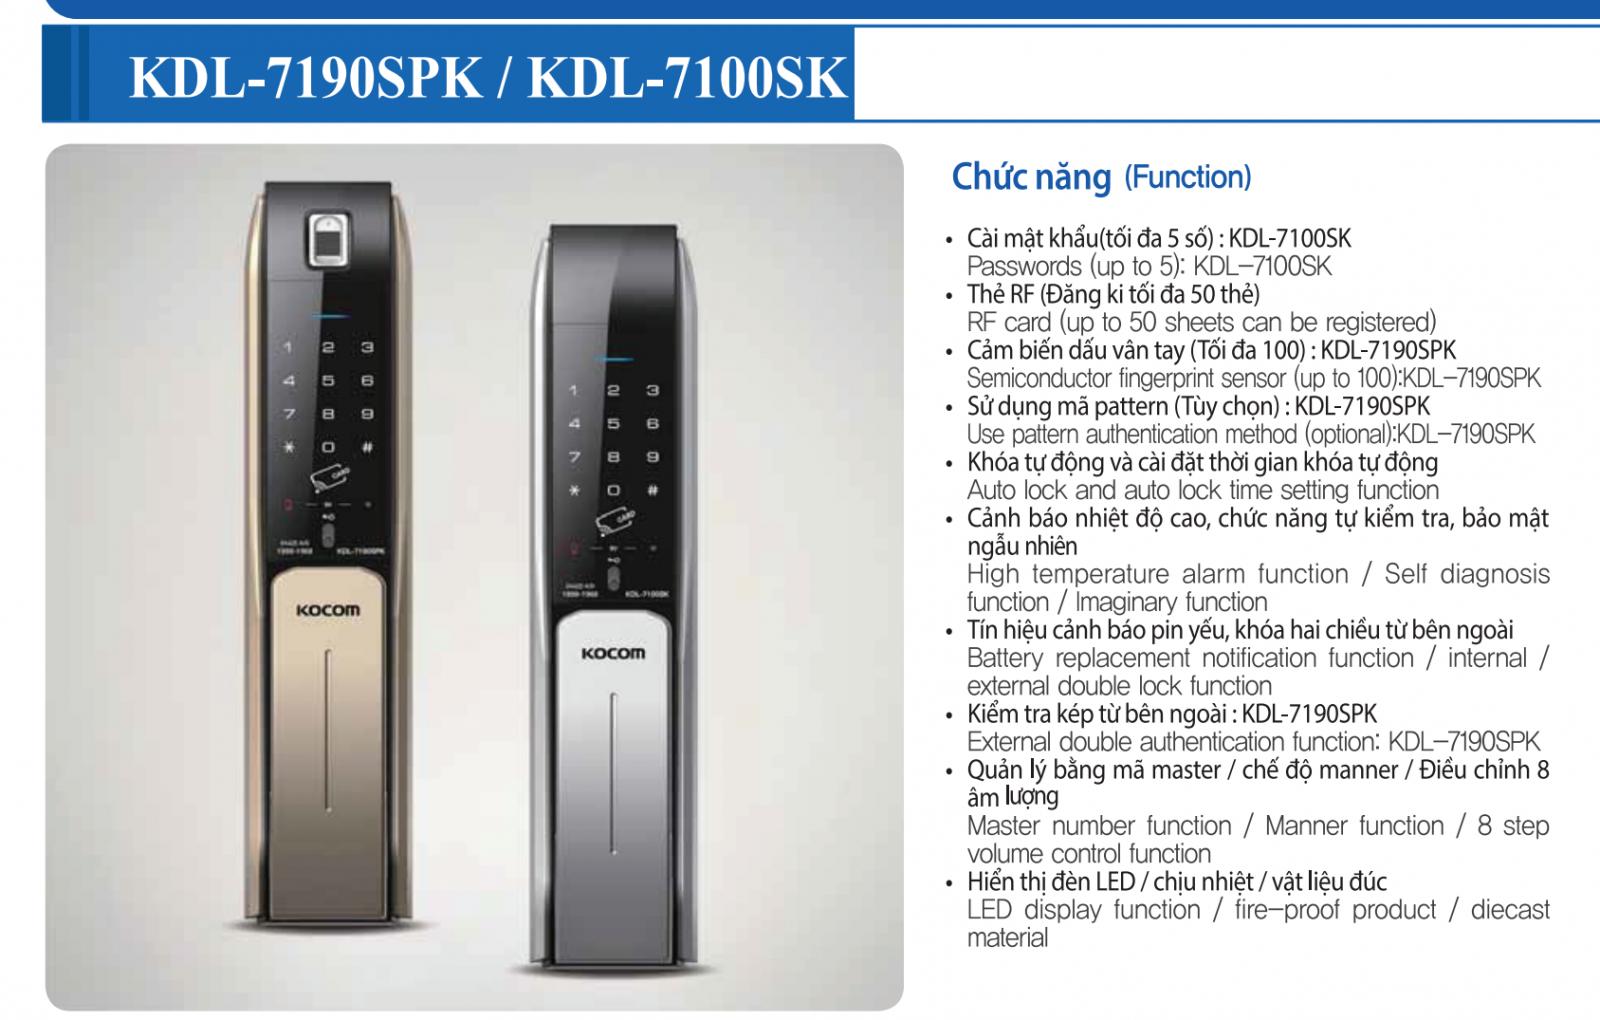 KDL-7190SPK